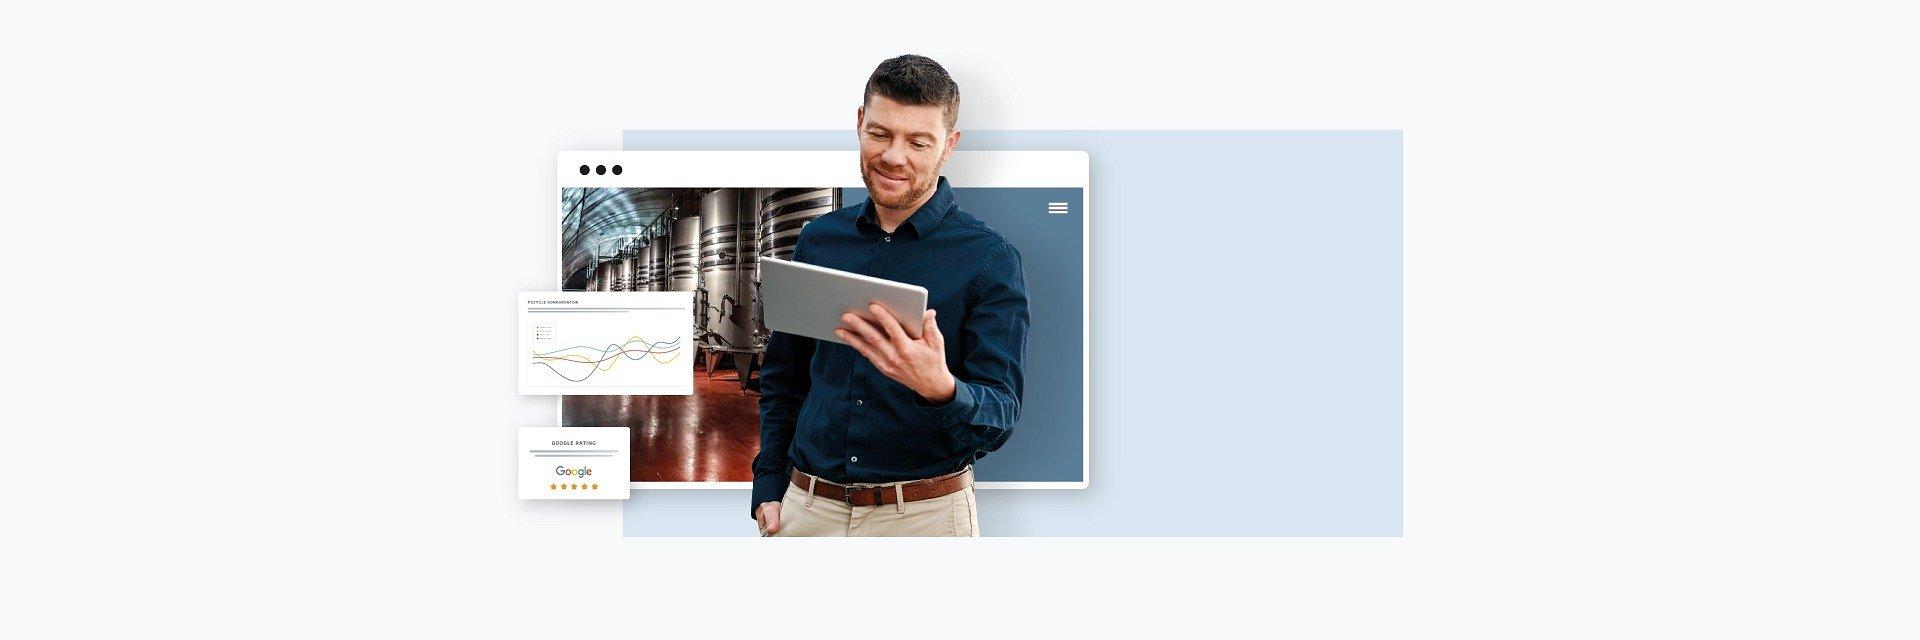 Strona WWW na abonament. Nowa usługa wchodzi na rynek